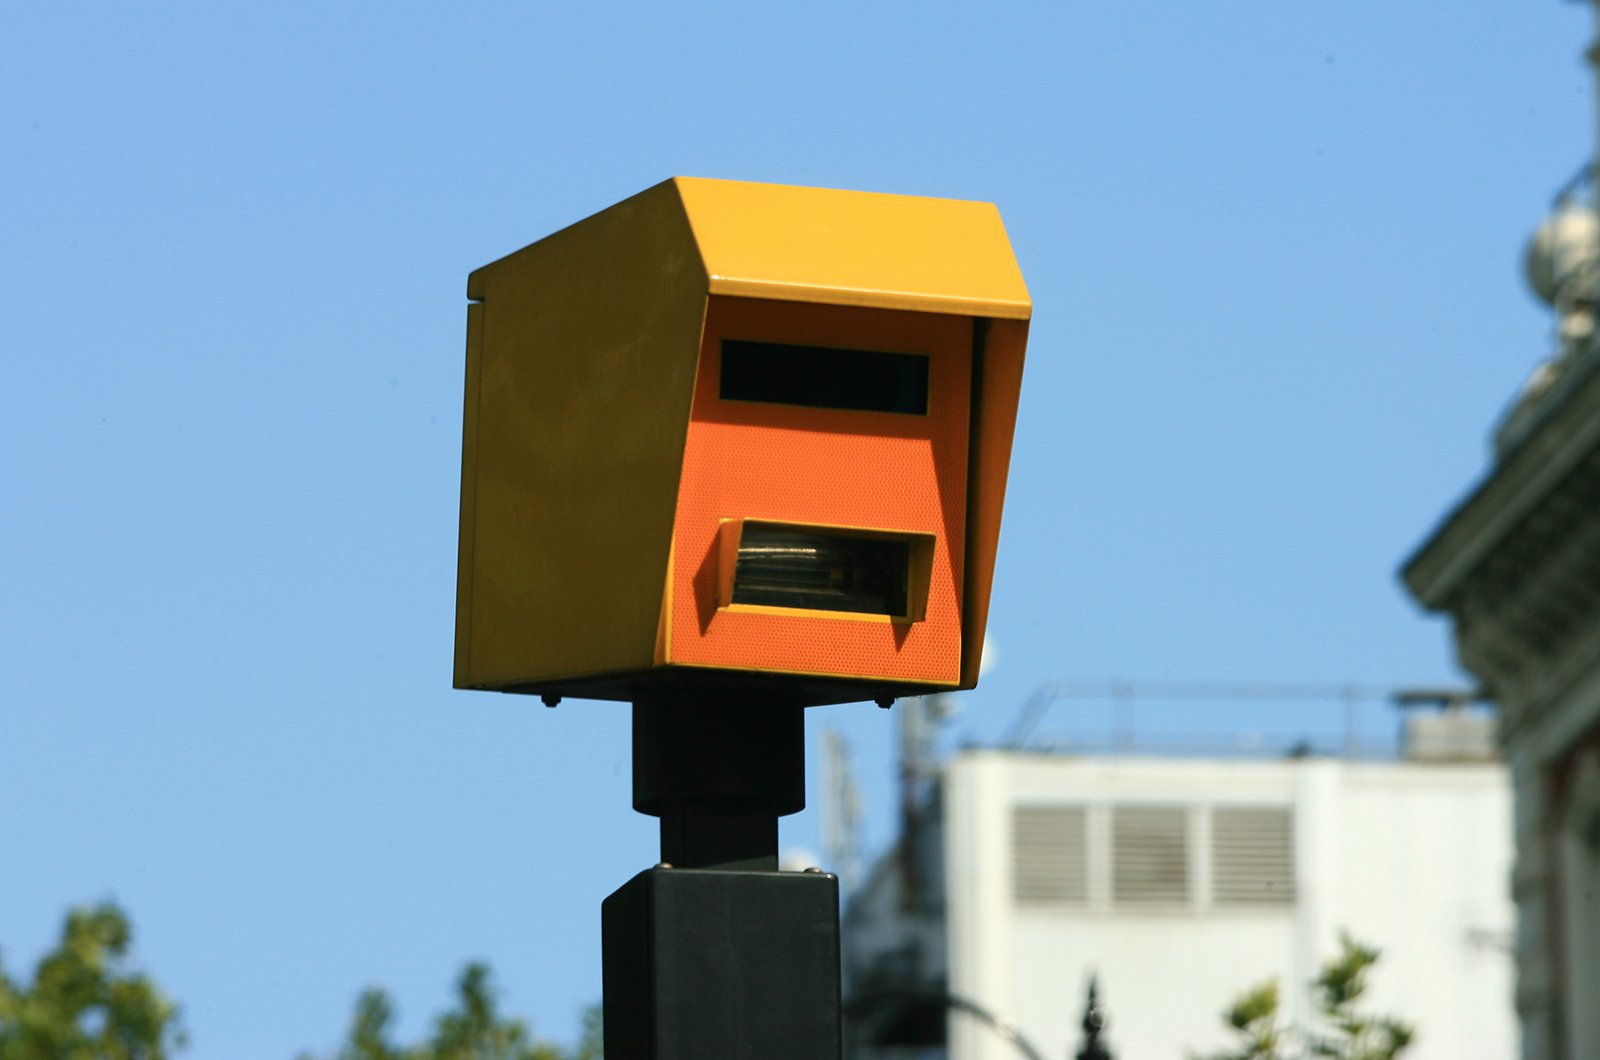 Speedcurb Camera